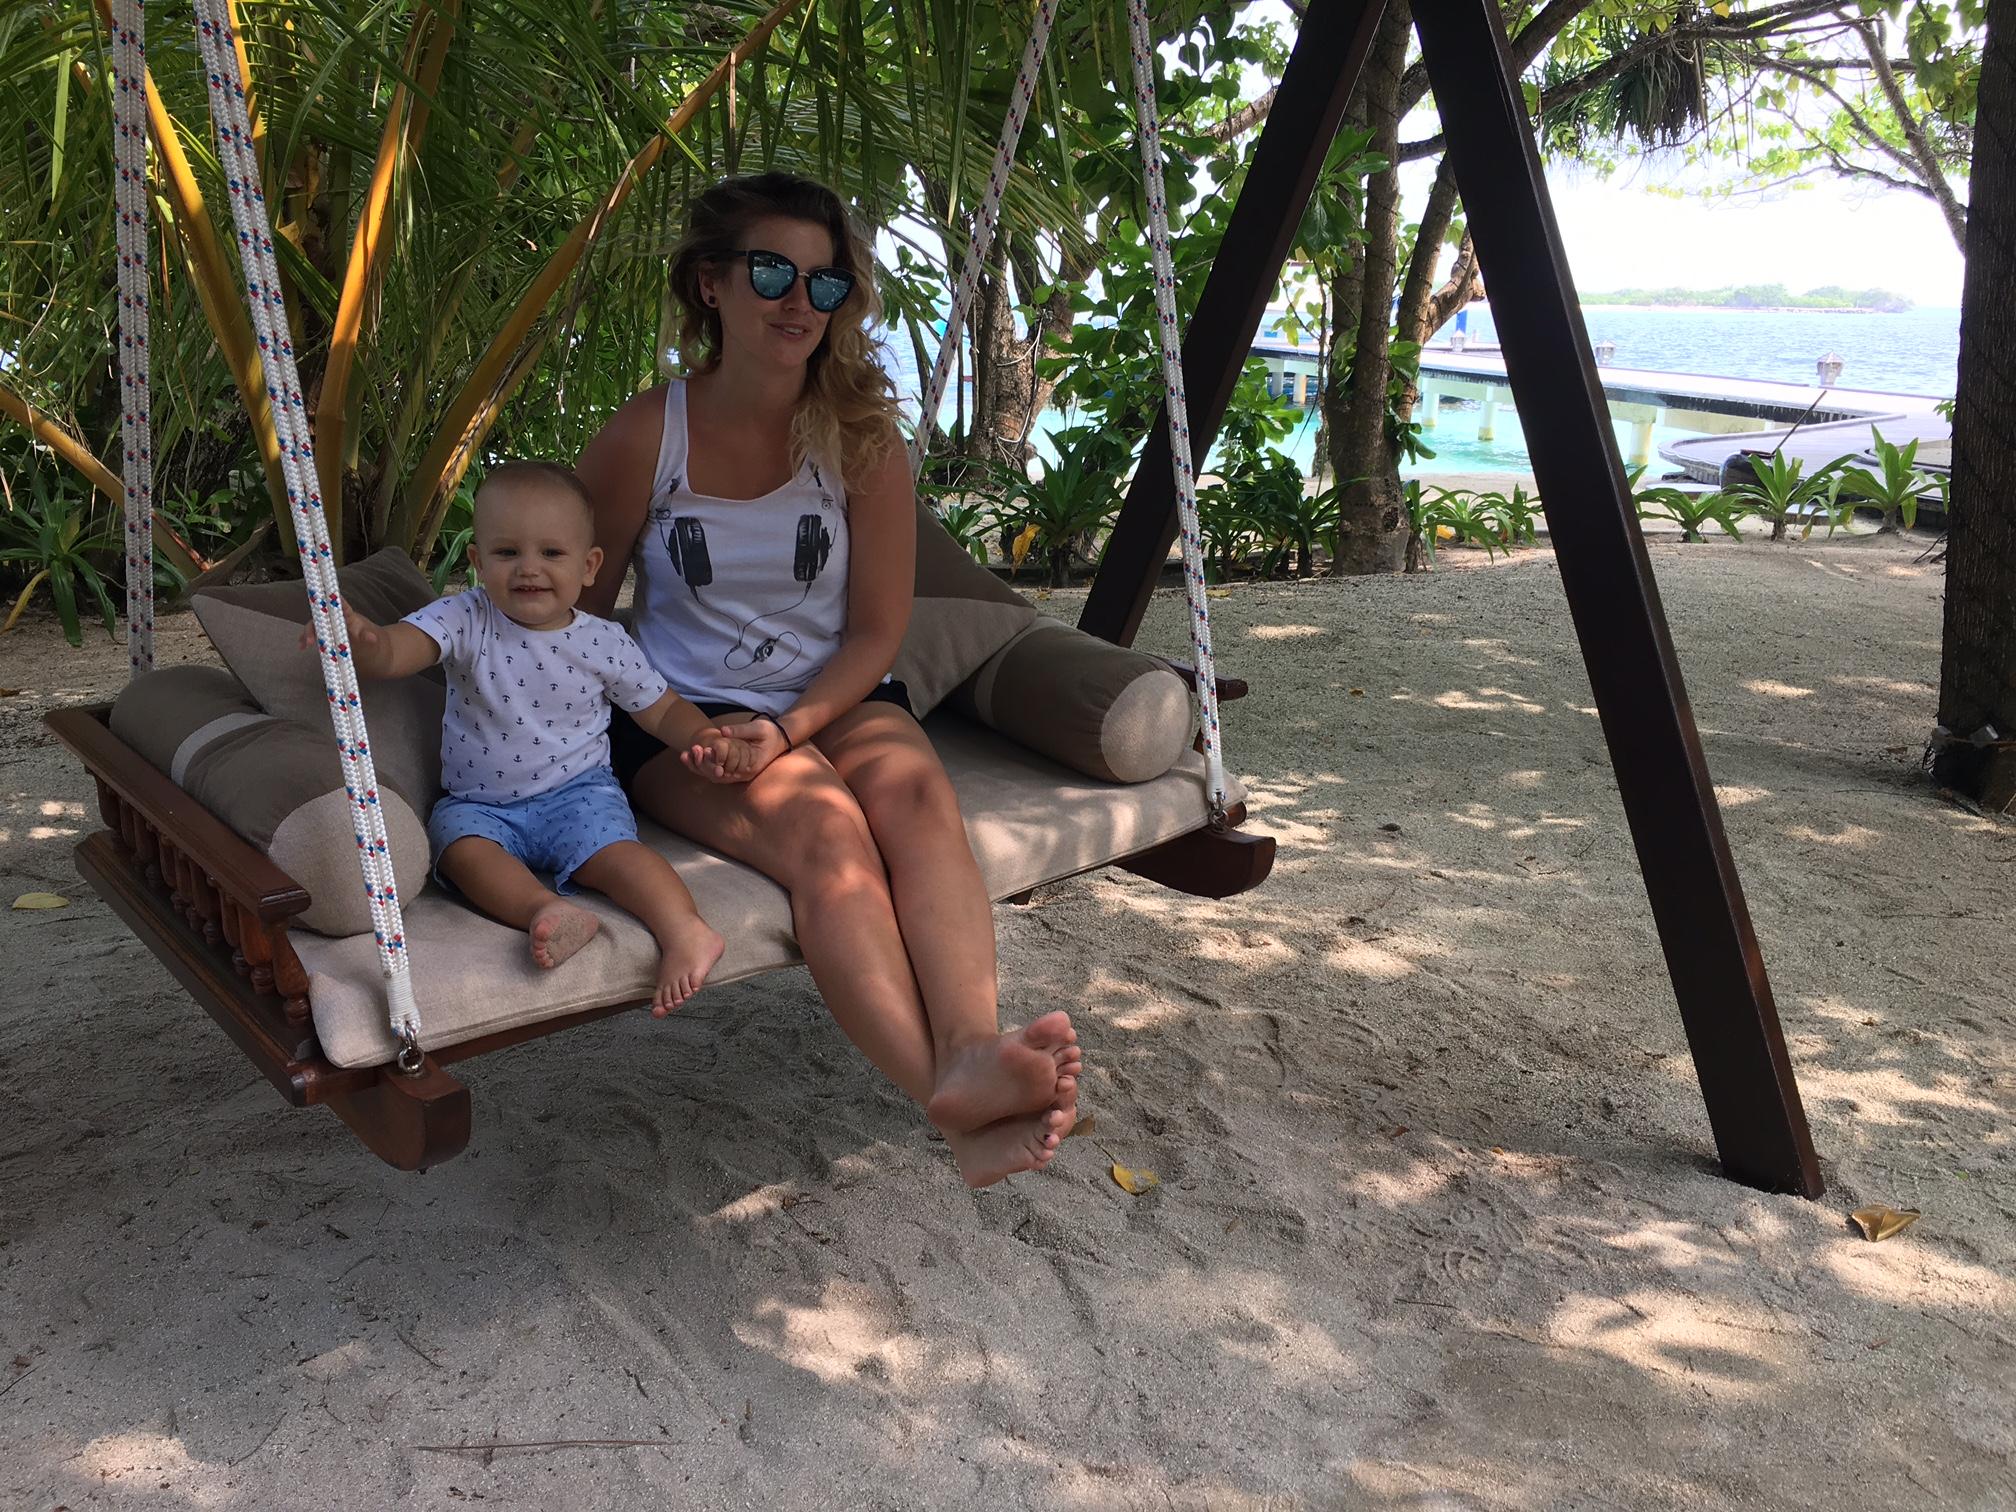 Dominika si užívala dovolenku so svojou rodinou. Zdroj: Dominika Dede Dadíková